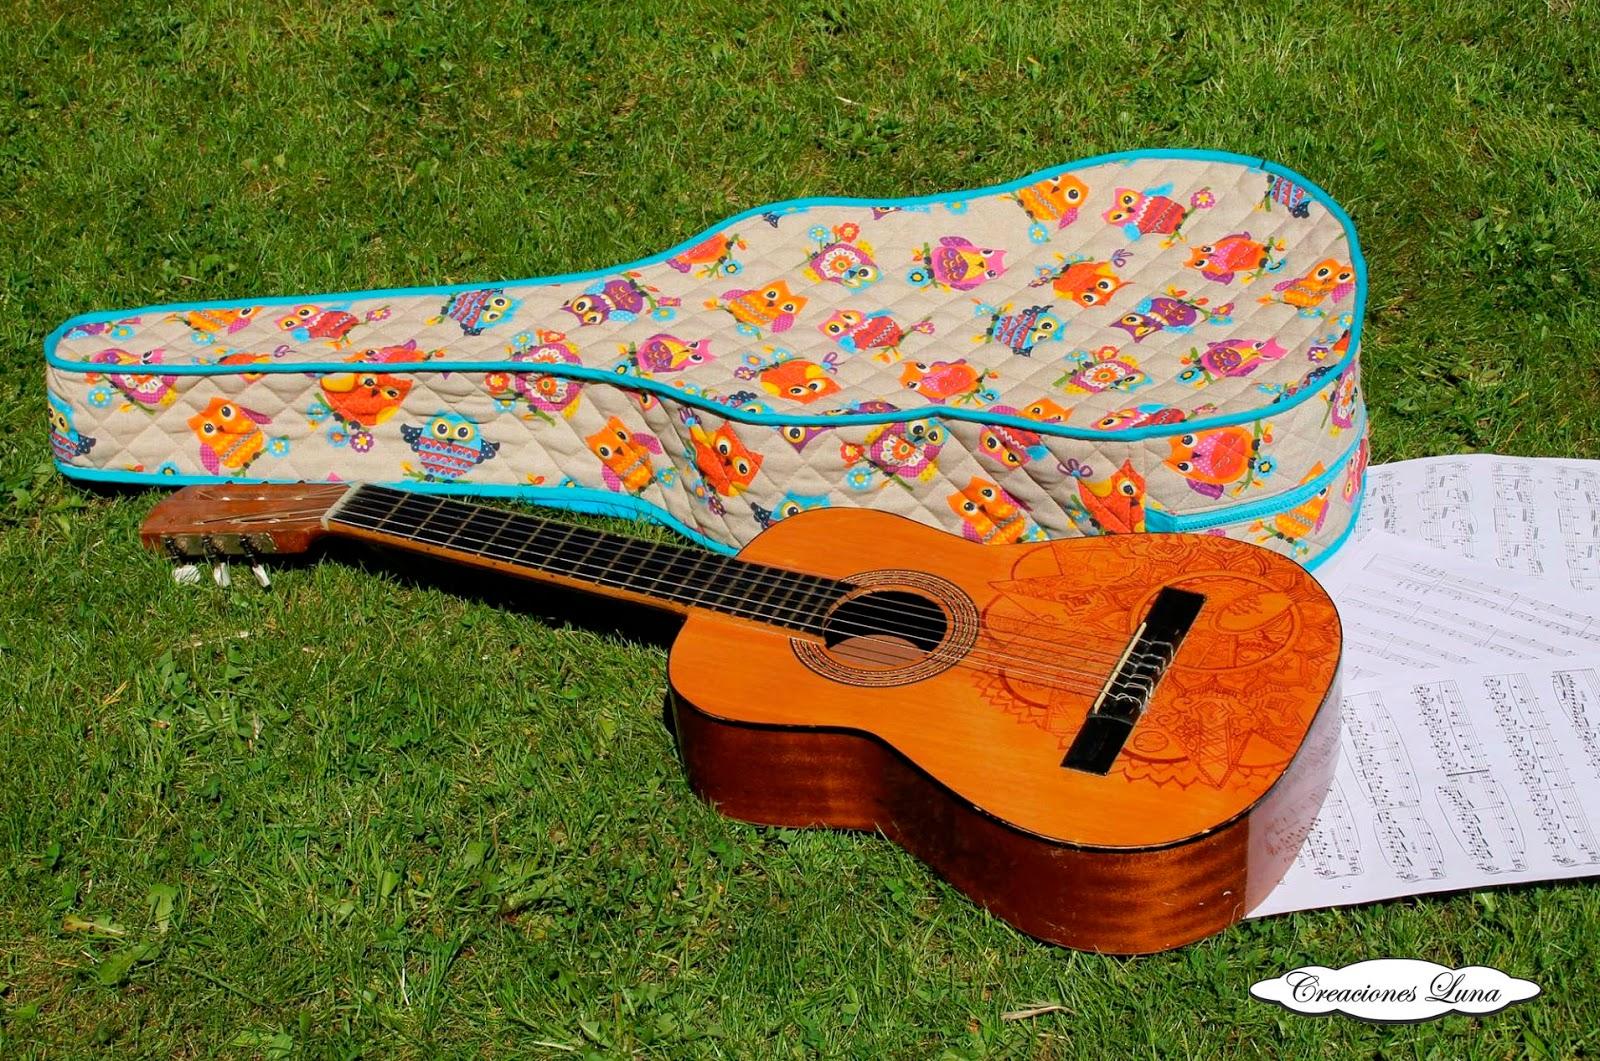 Creaciones Luna: funda de guitarra